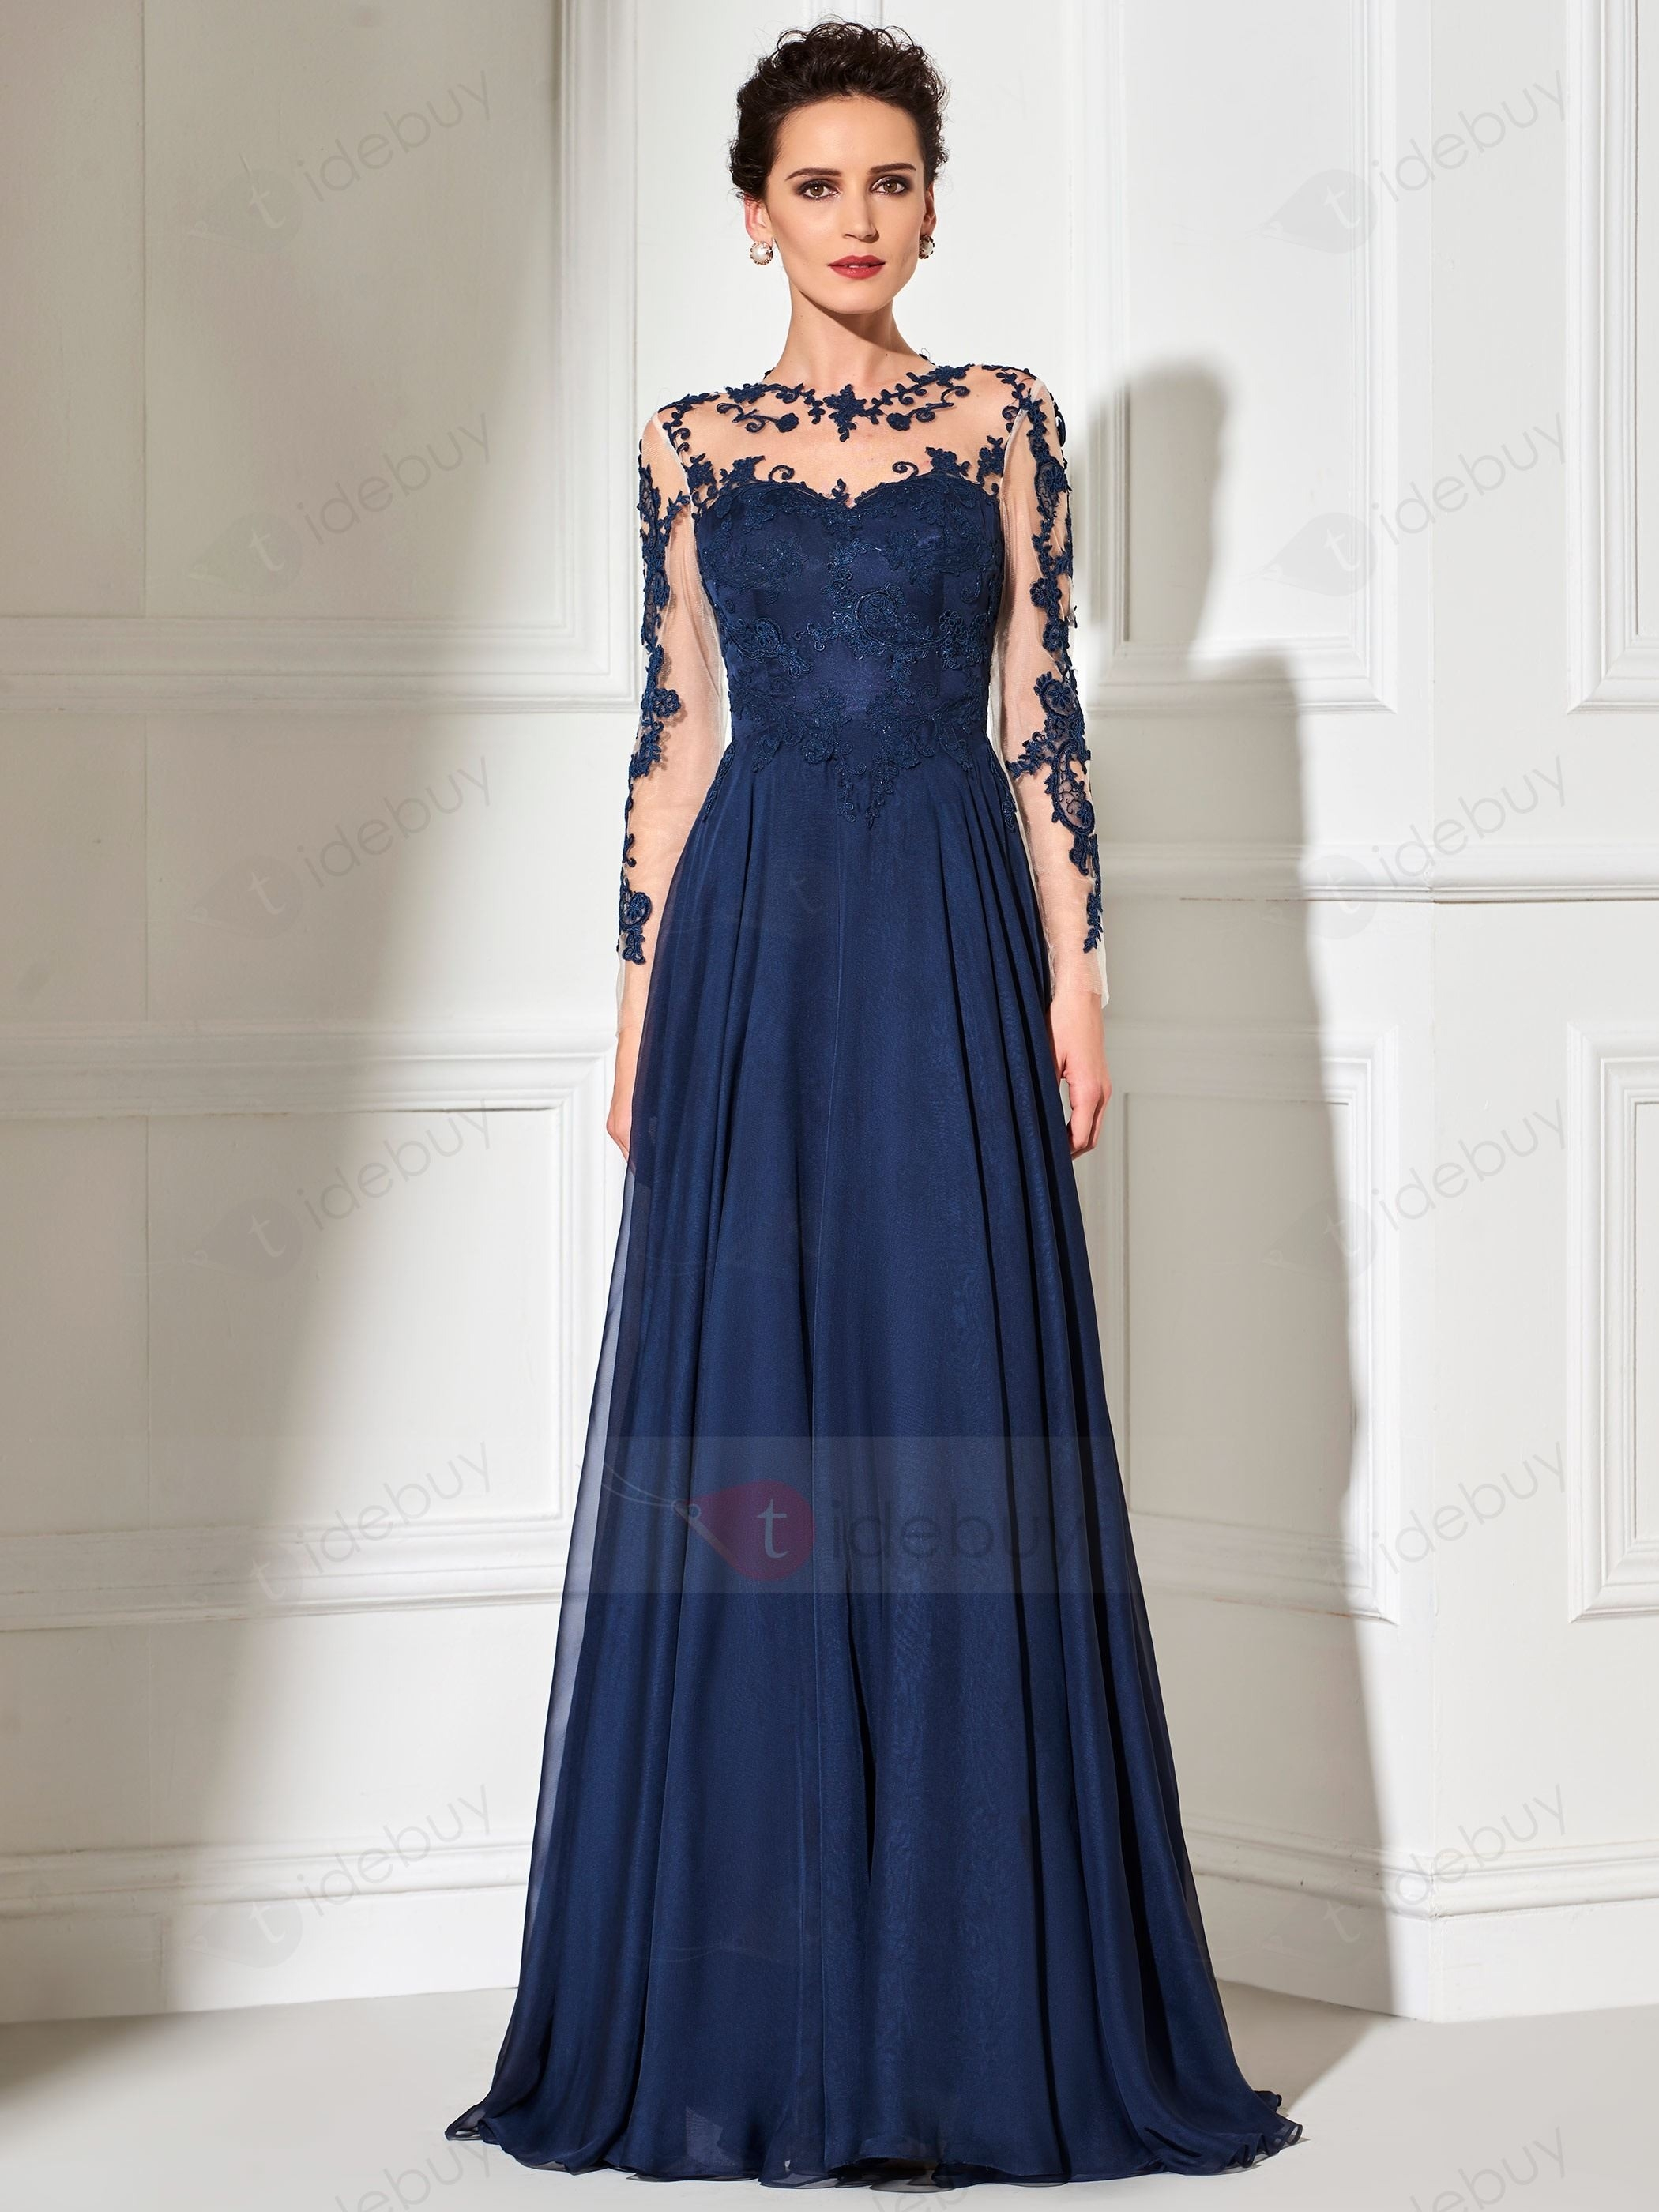 17 Ausgezeichnet Abendkleider Lang Bilder für 201910 Luxus Abendkleider Lang Bilder Bester Preis